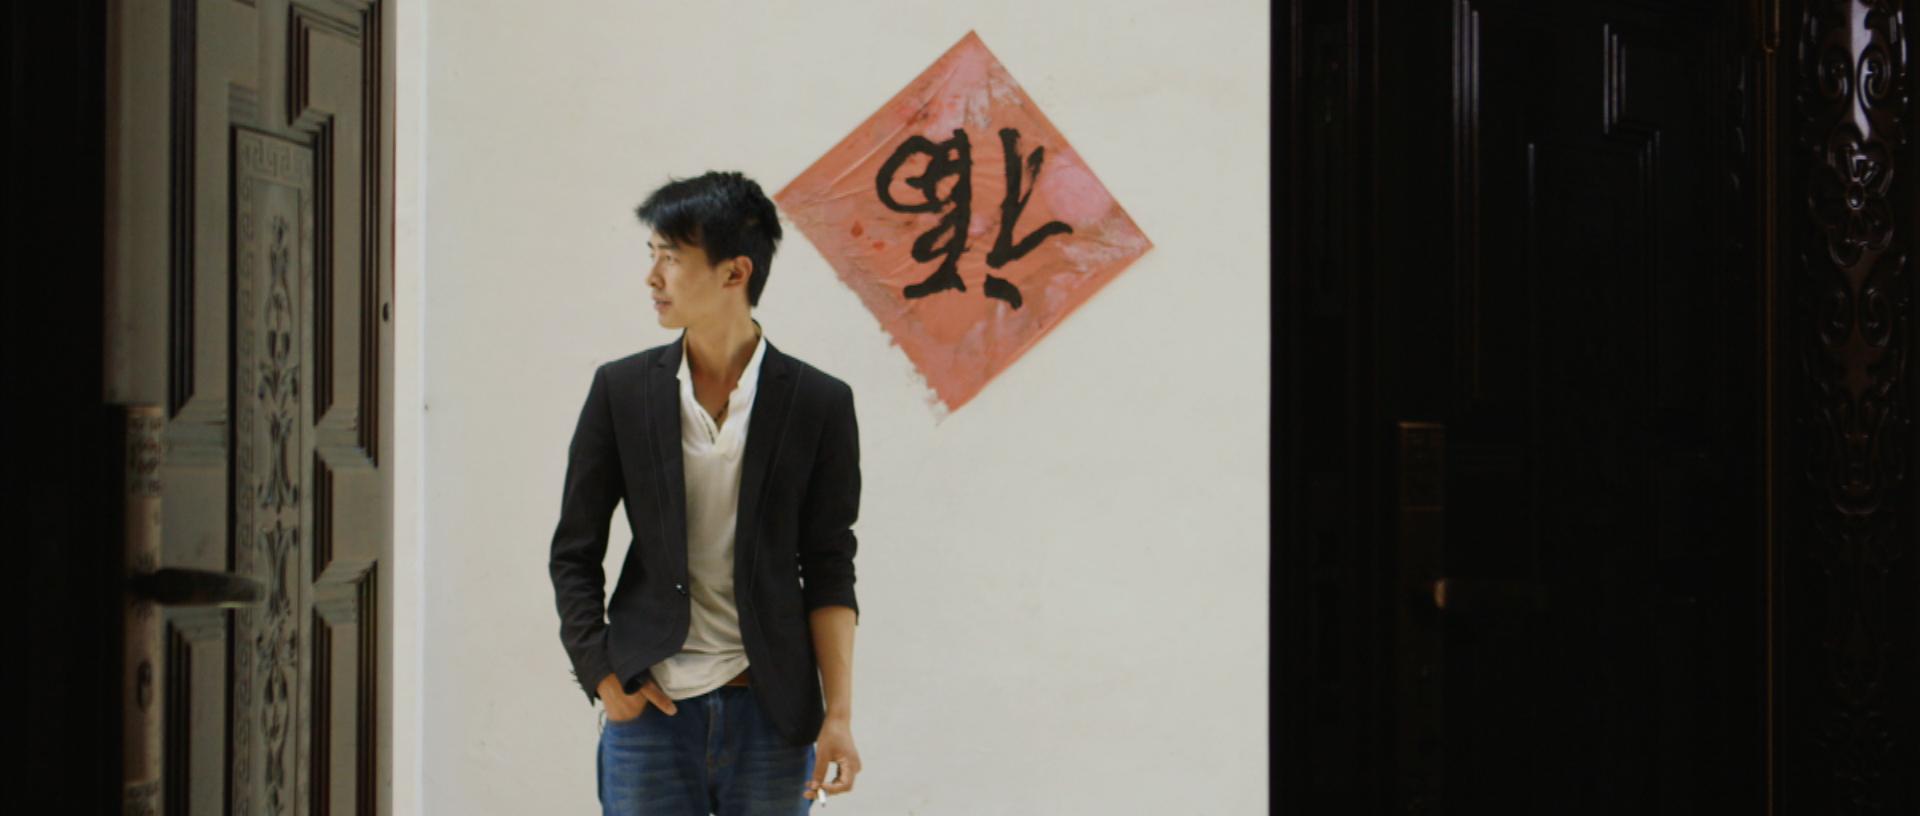 Young man, living in Shang Xiao Qi.